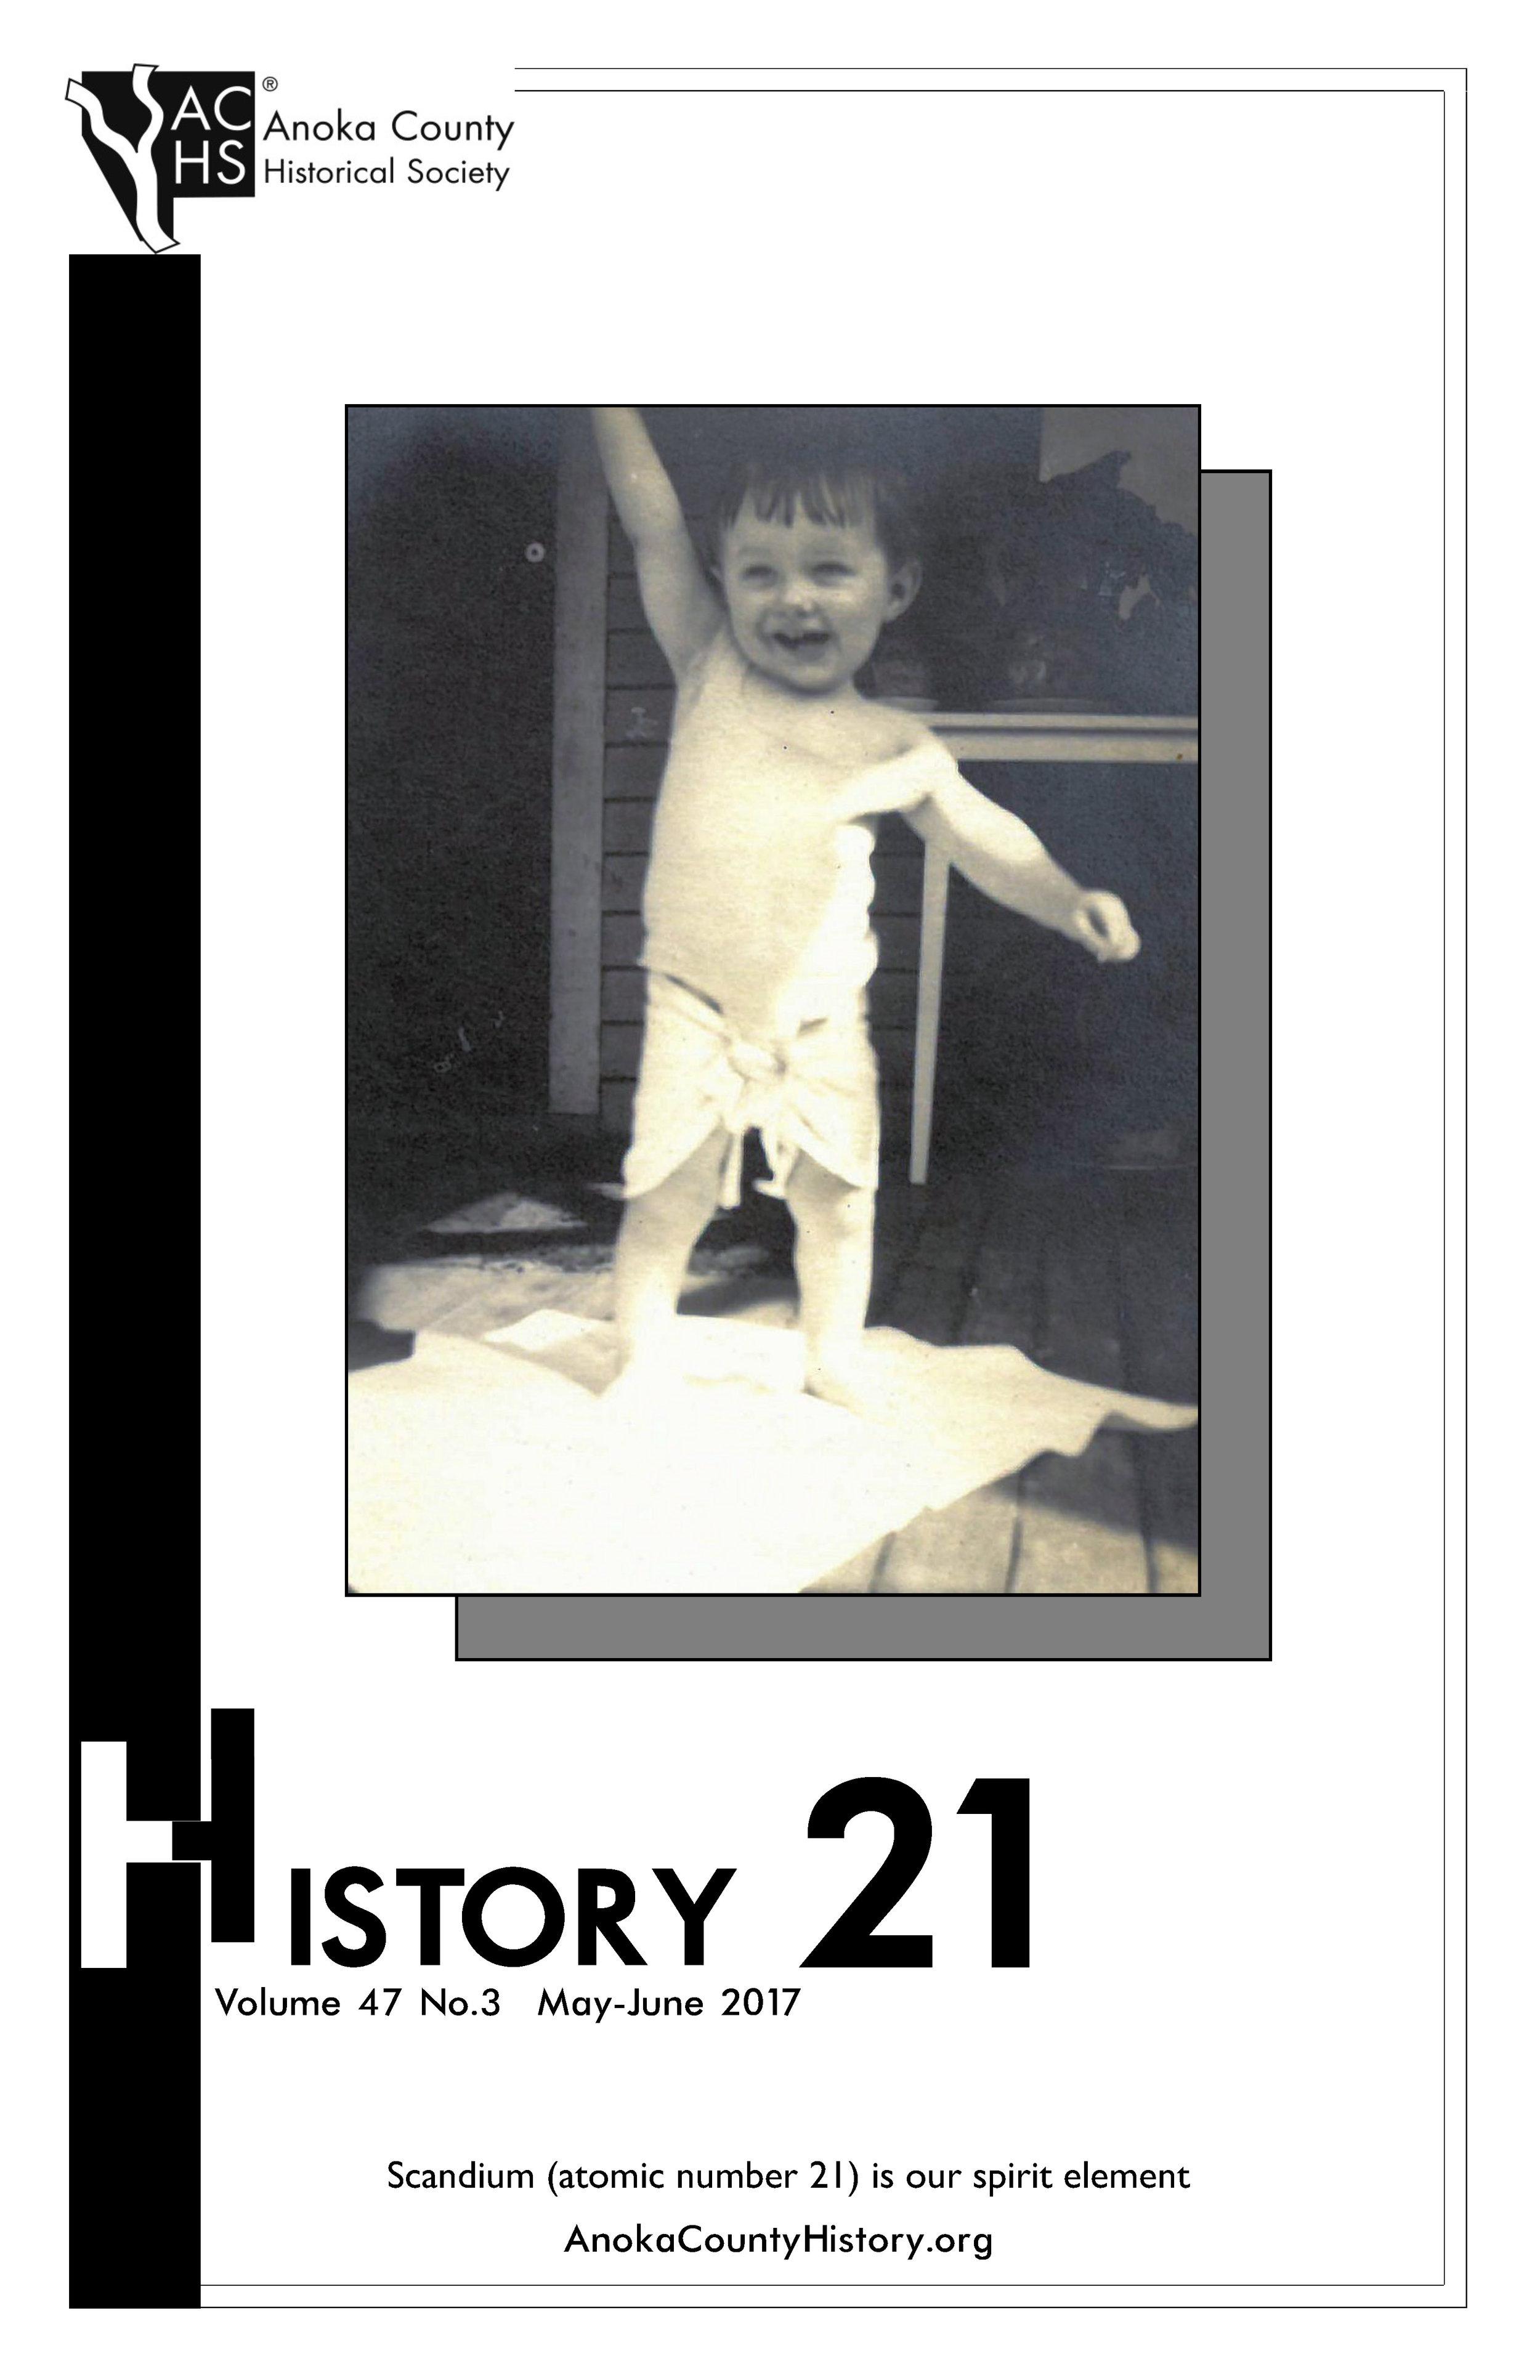 History 21 - May/June 2017